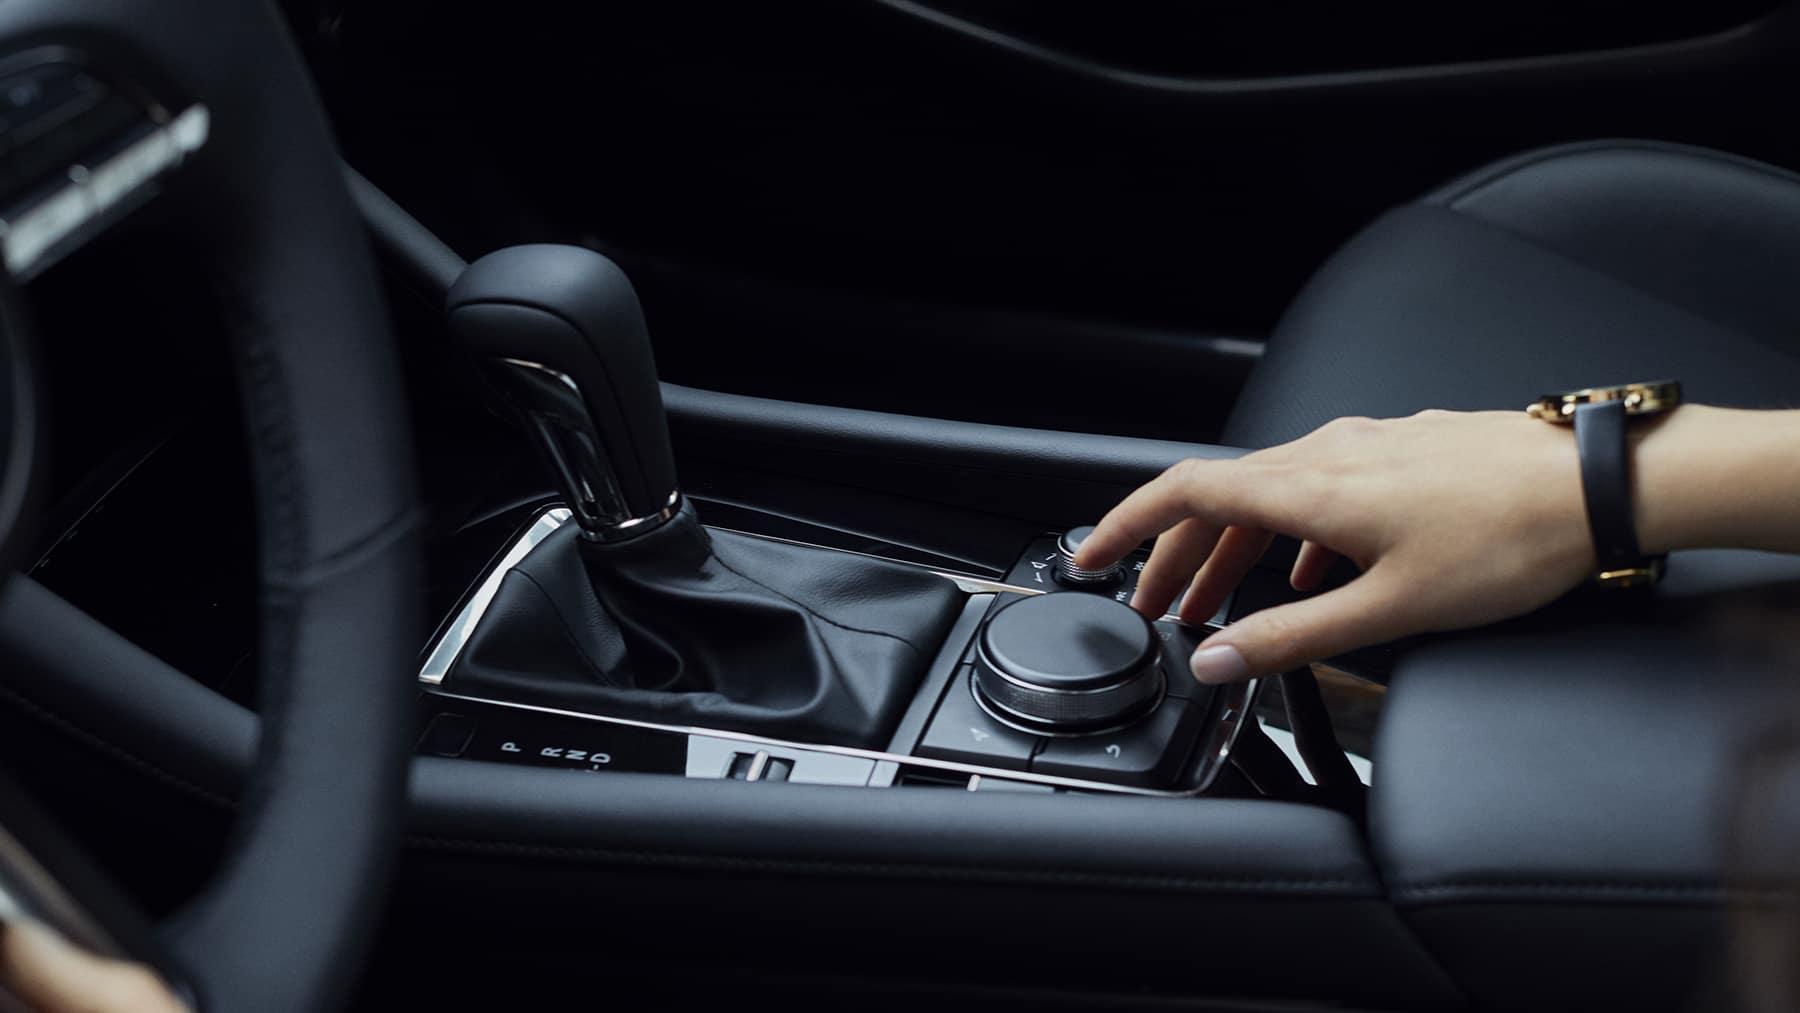 2021 mazda3 interior driver's side